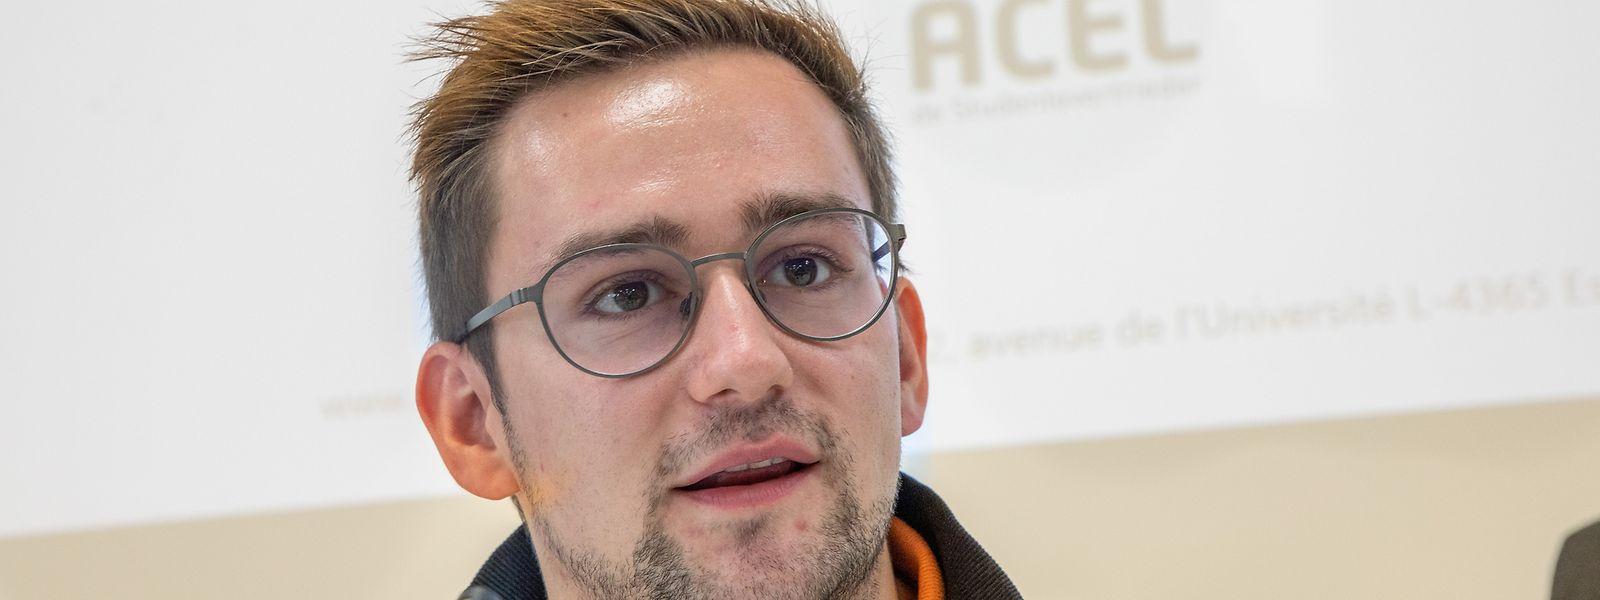 Déjà en proie à des difficultés administratives à l'étranger, les étudiants luxembourgeois doivent aussi faire face aux restrictions liées à la crise sanitaire, regrette Sven Bettendorf.